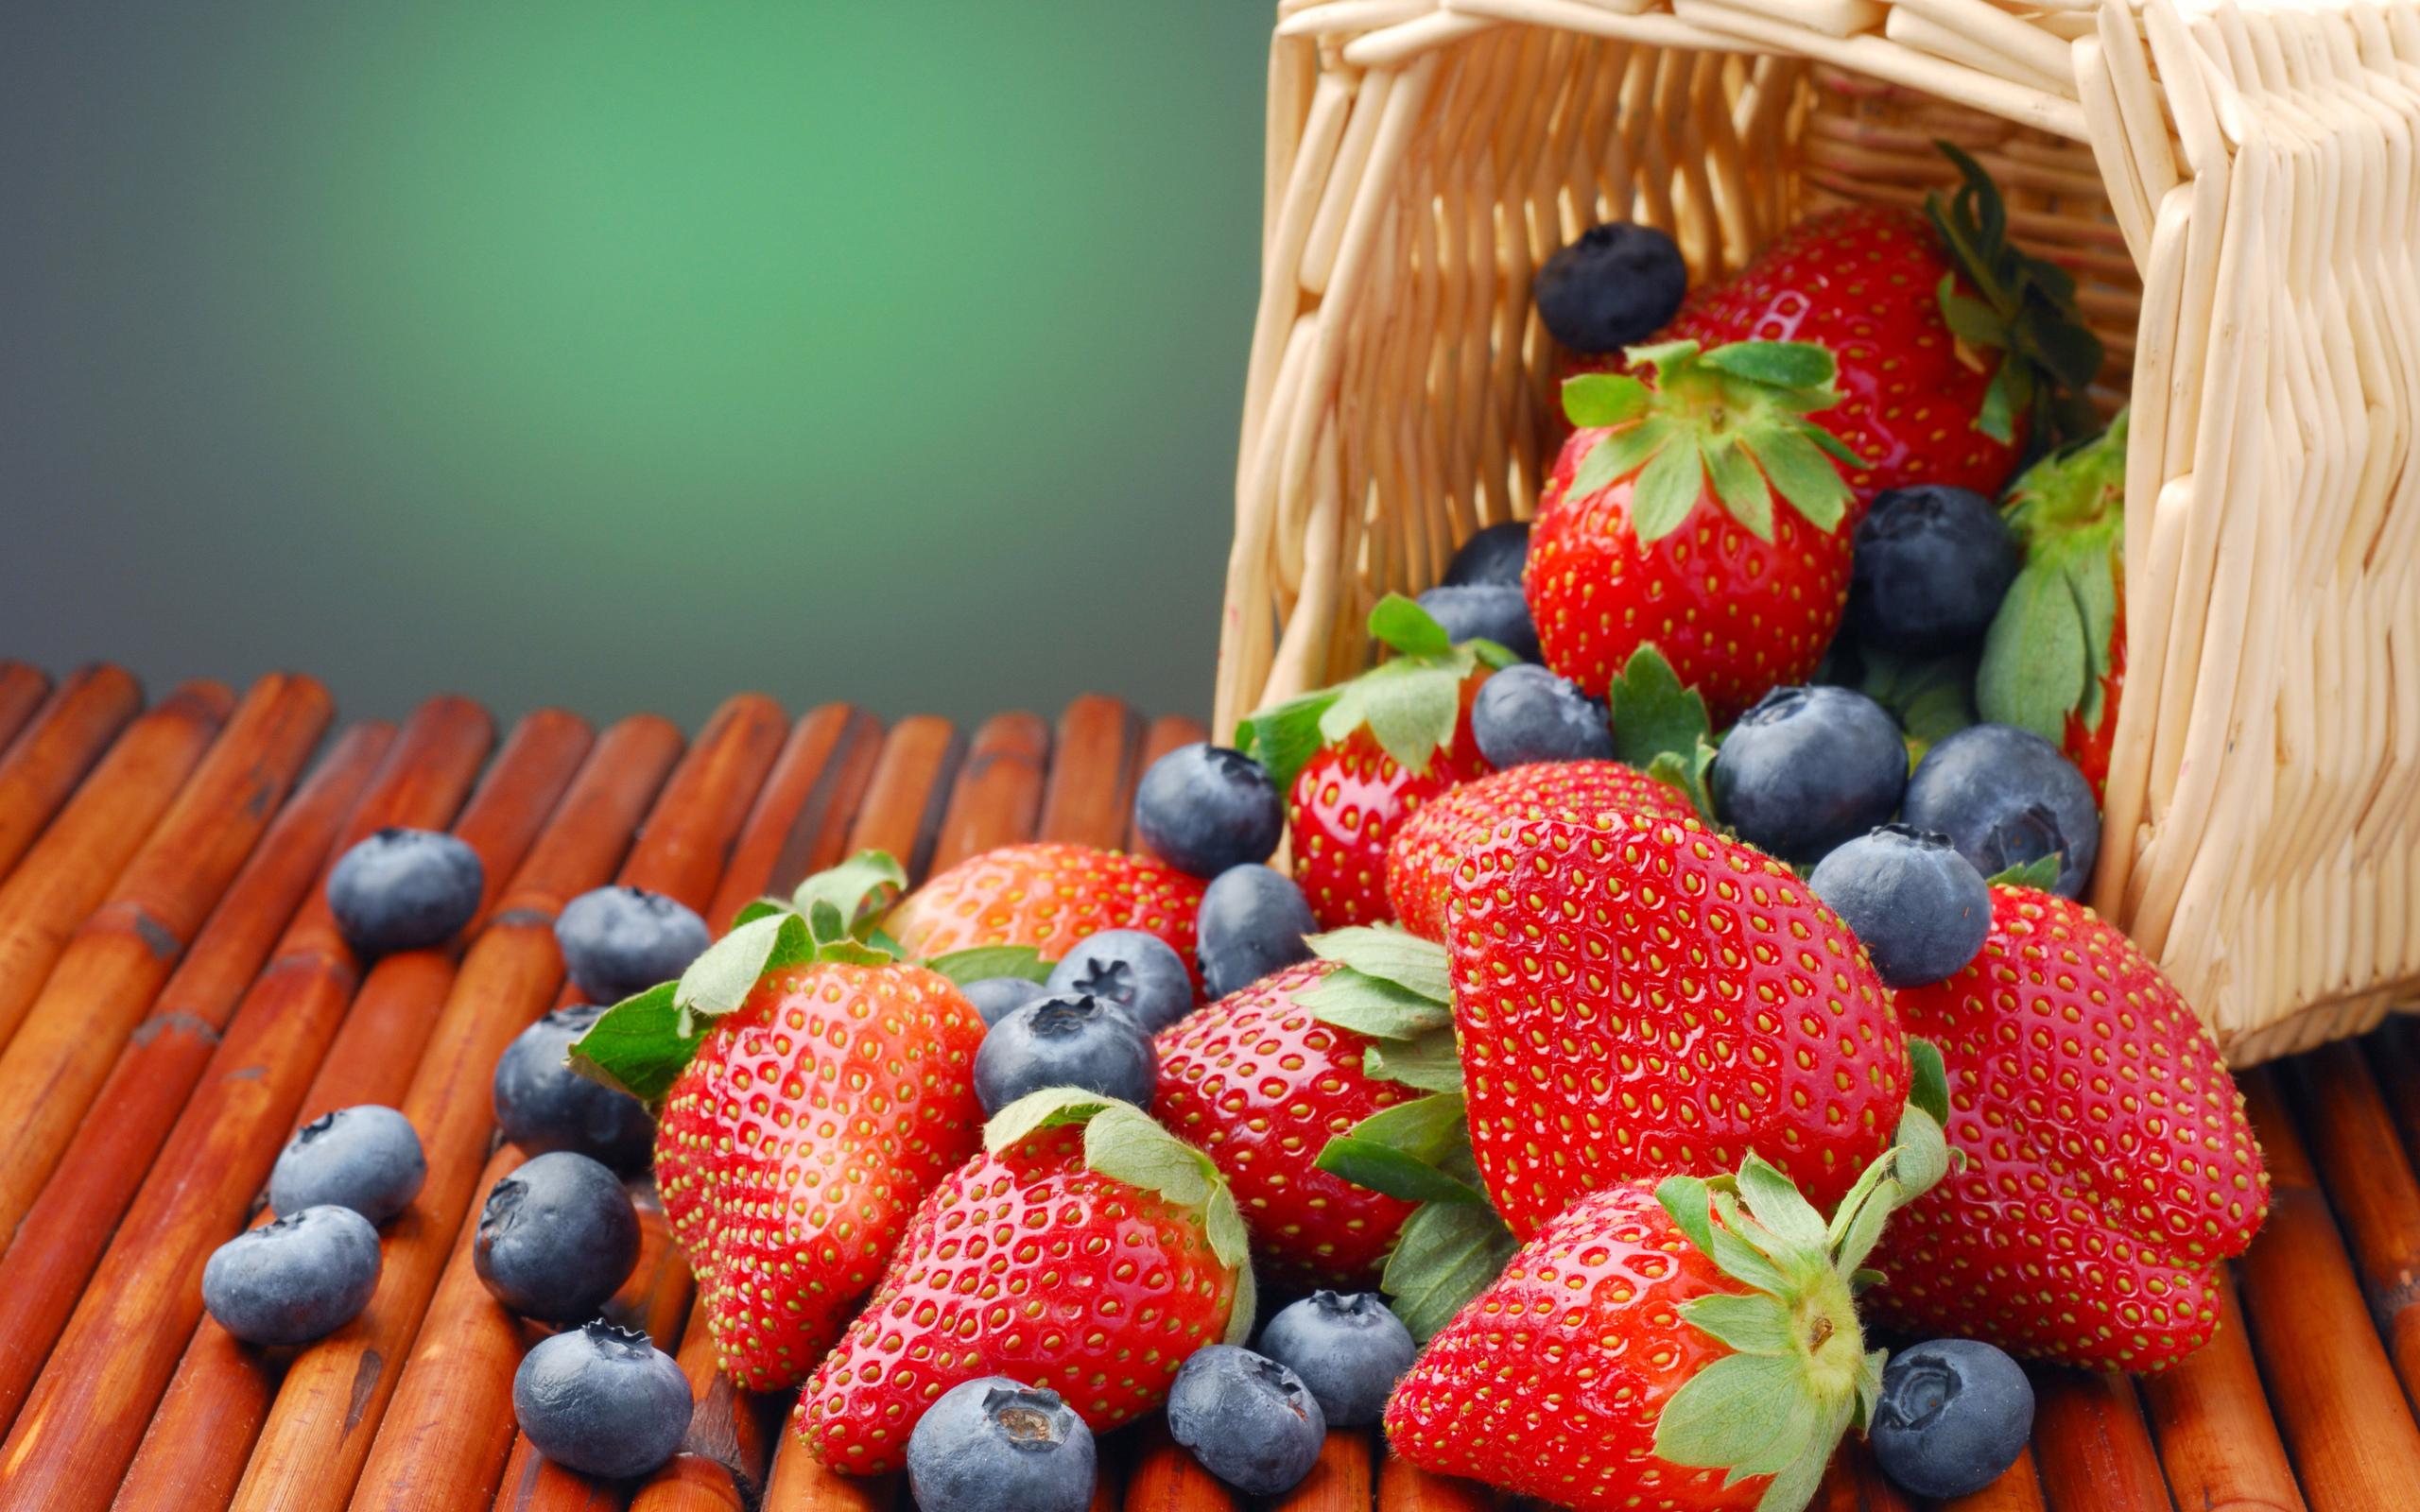 самый яркие красивые фото ягода знать элементы